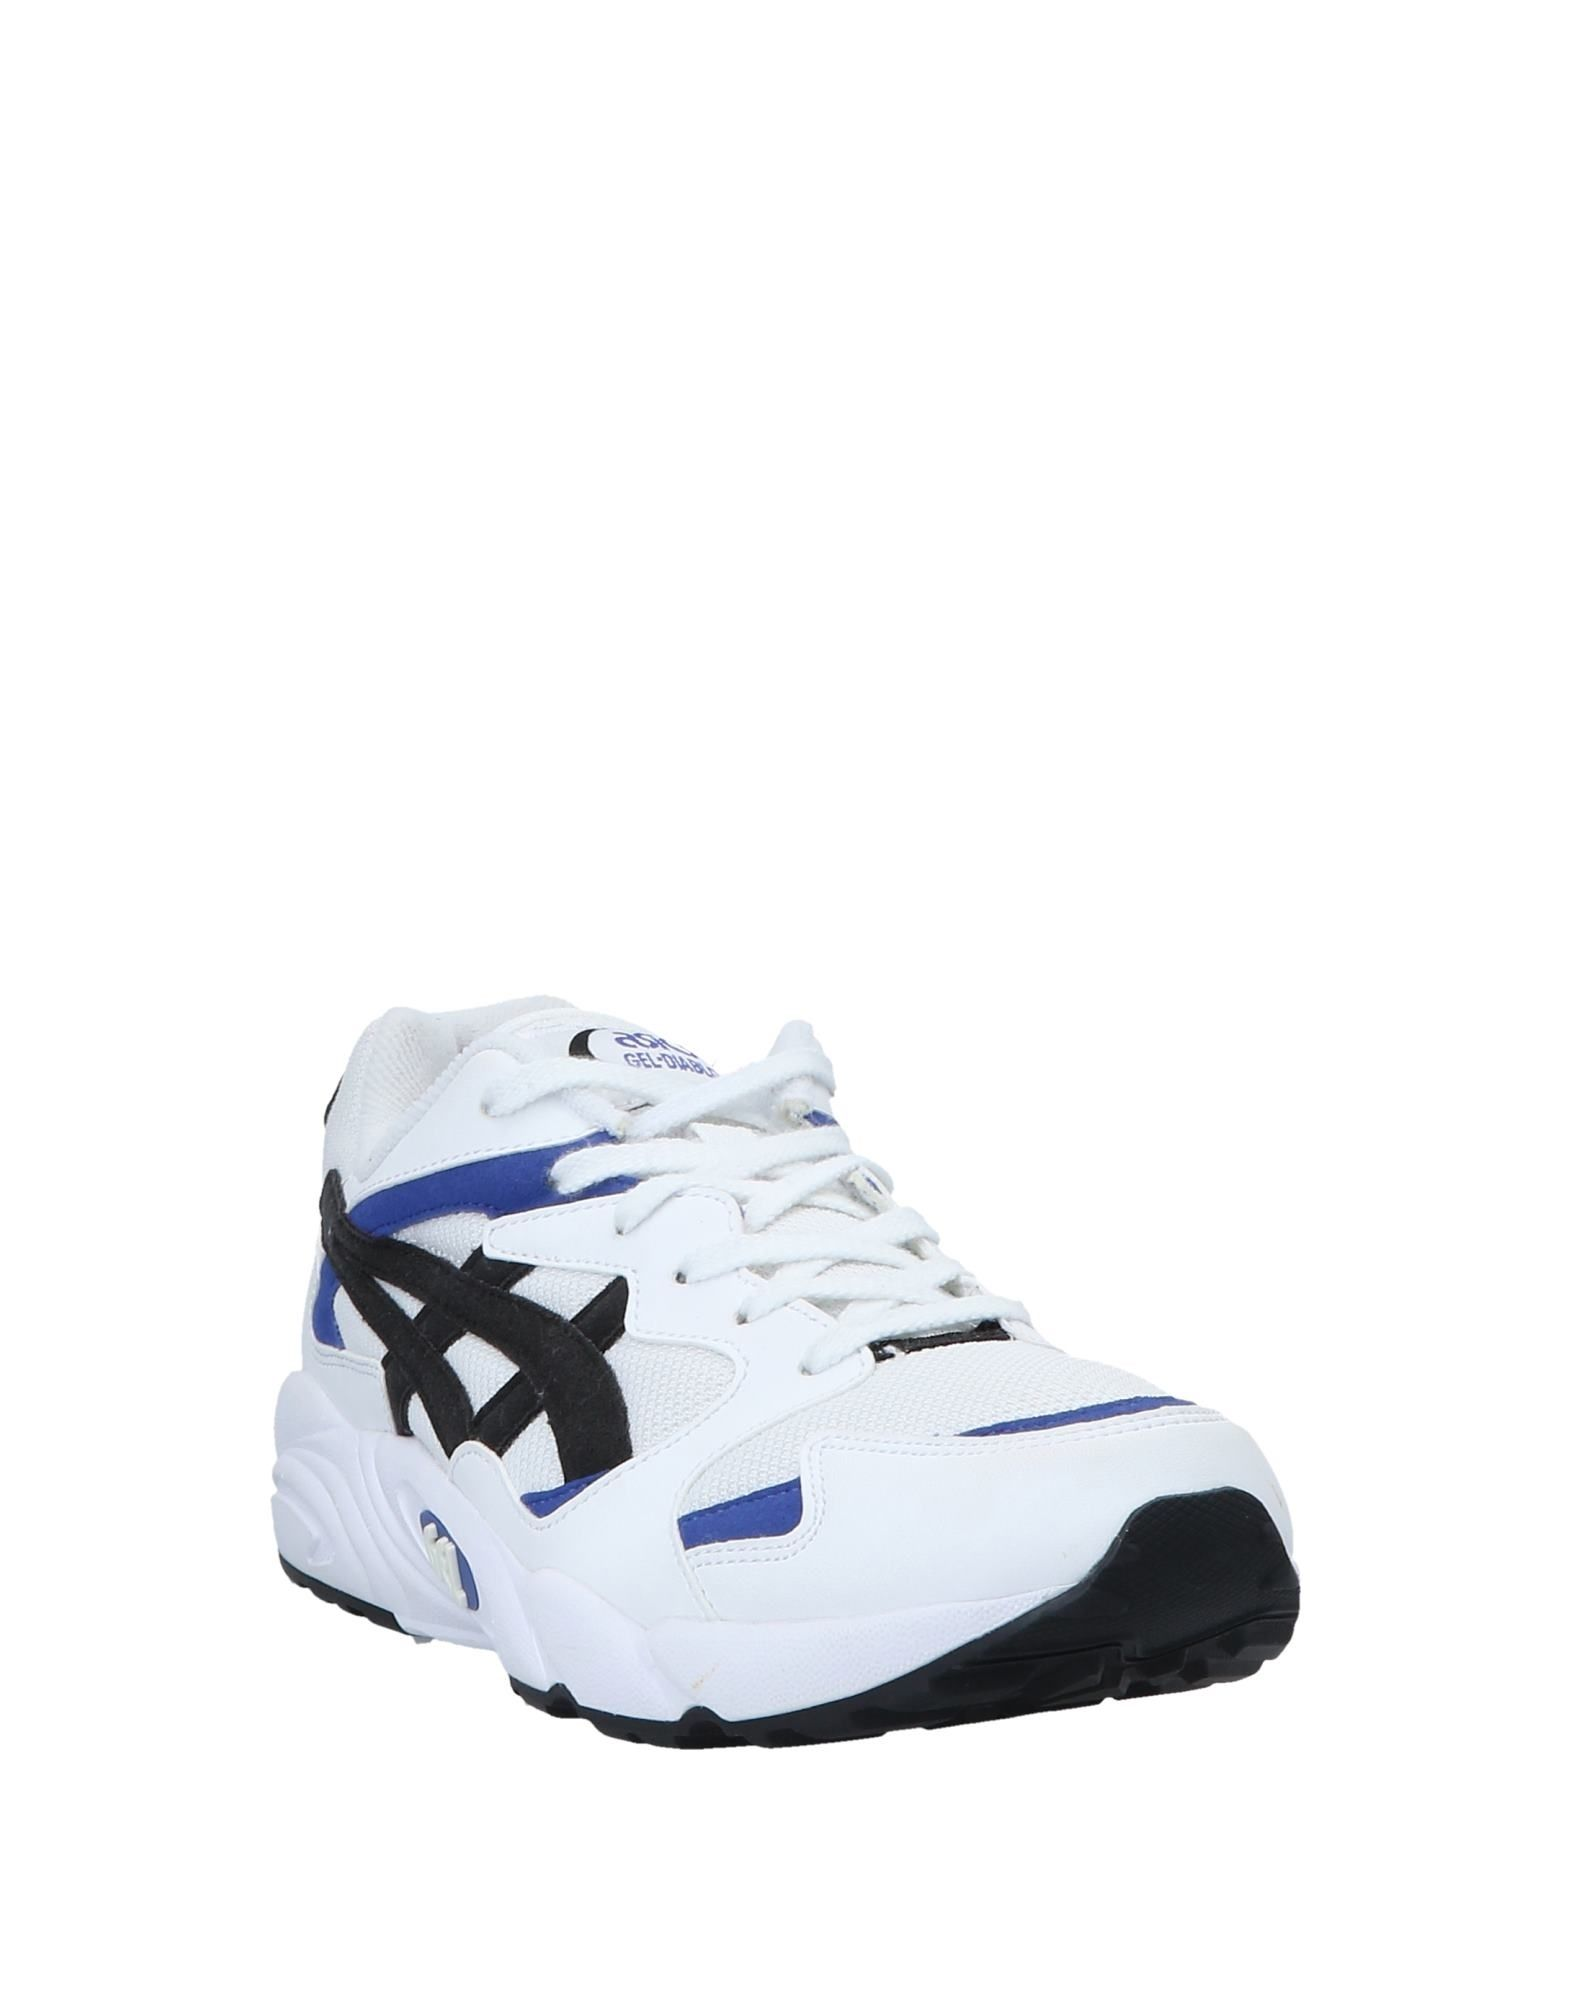 Rabatt echte Schuhe Herren Asics Sneakers Herren Schuhe  11546891OM 0ee2d3